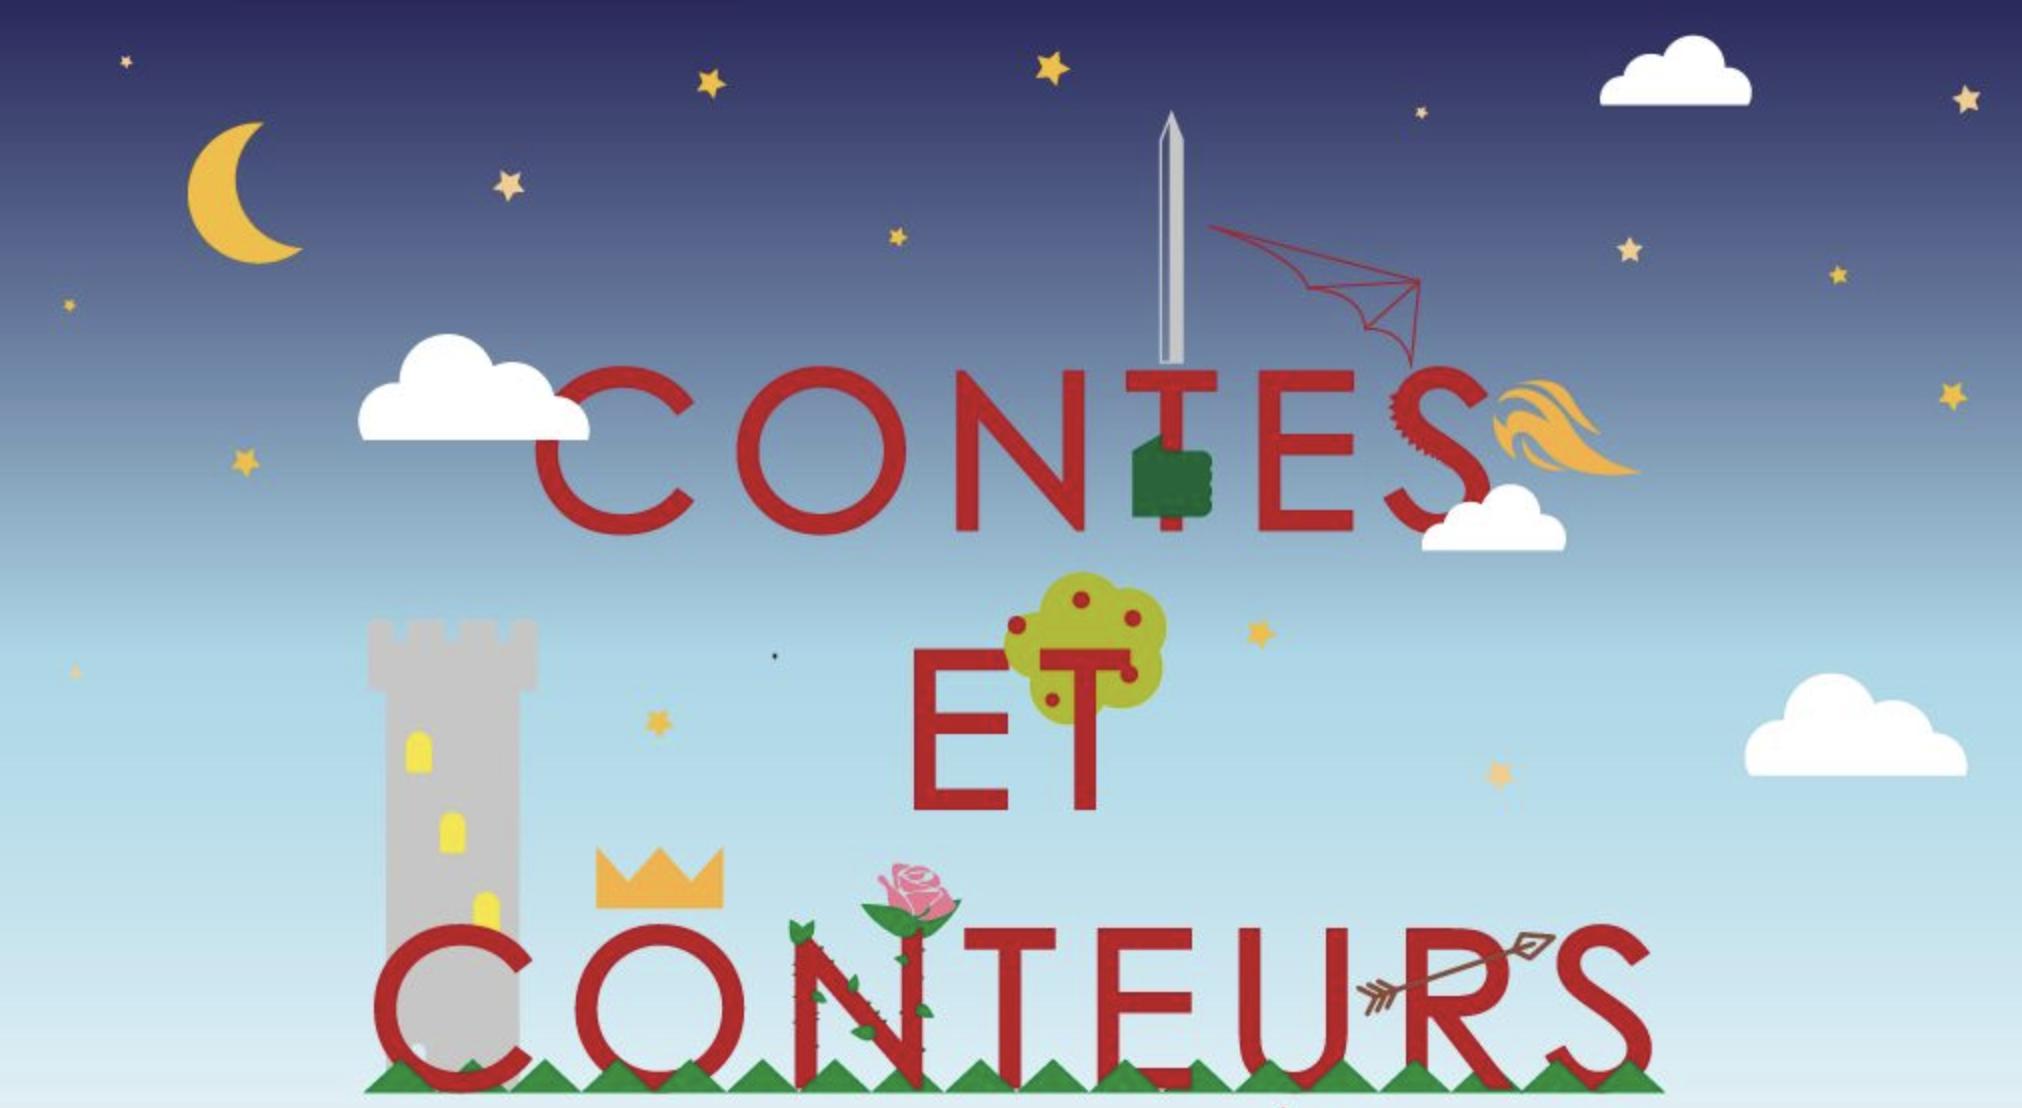 Contes et conteurs 2021